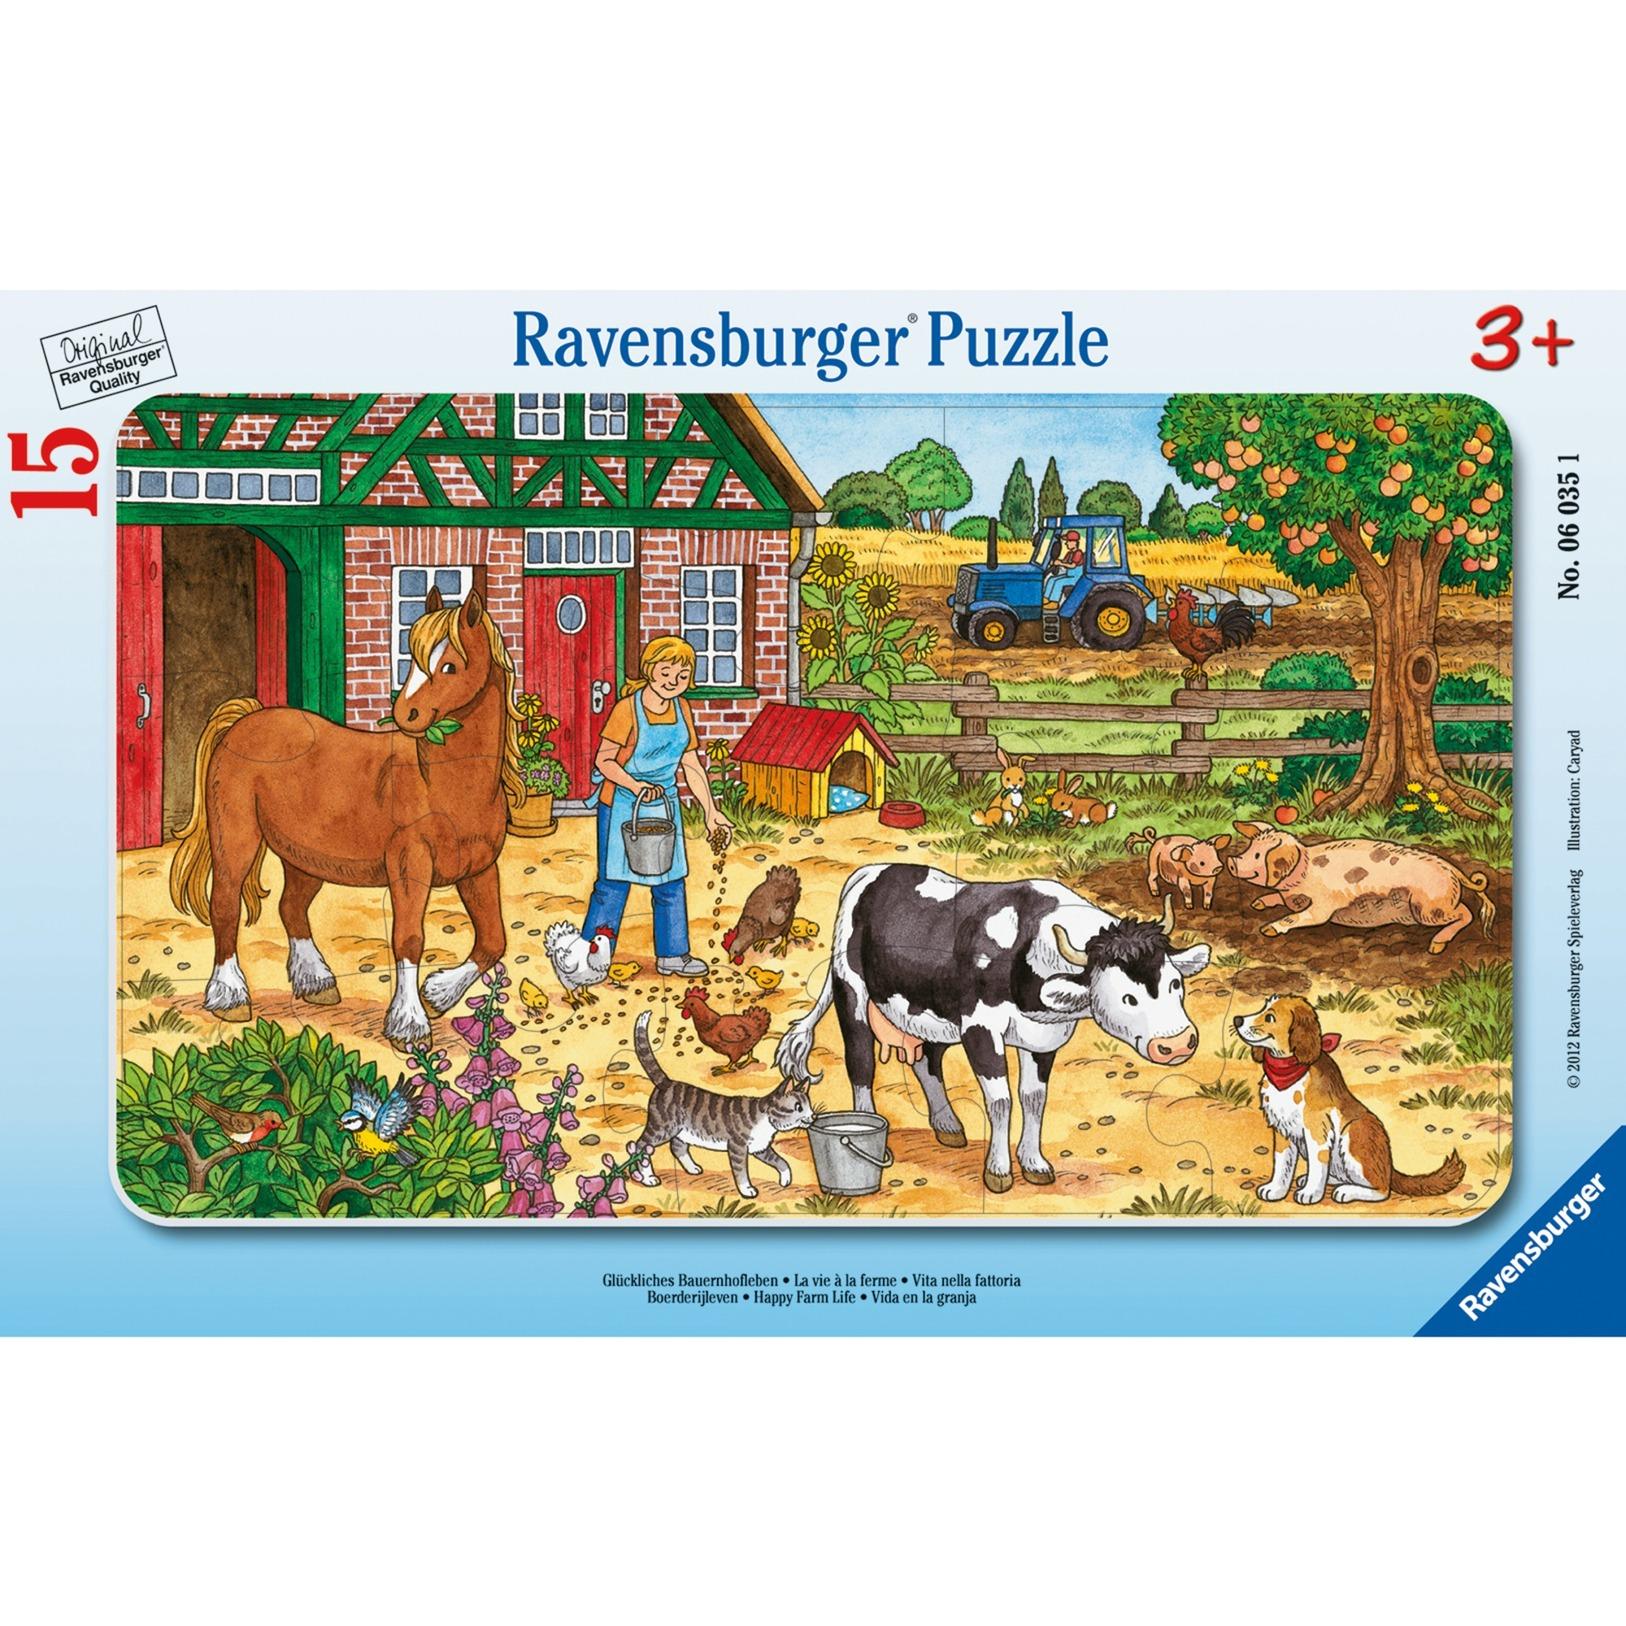 puzzle-glueckliches-bauernhofleben-puslespil